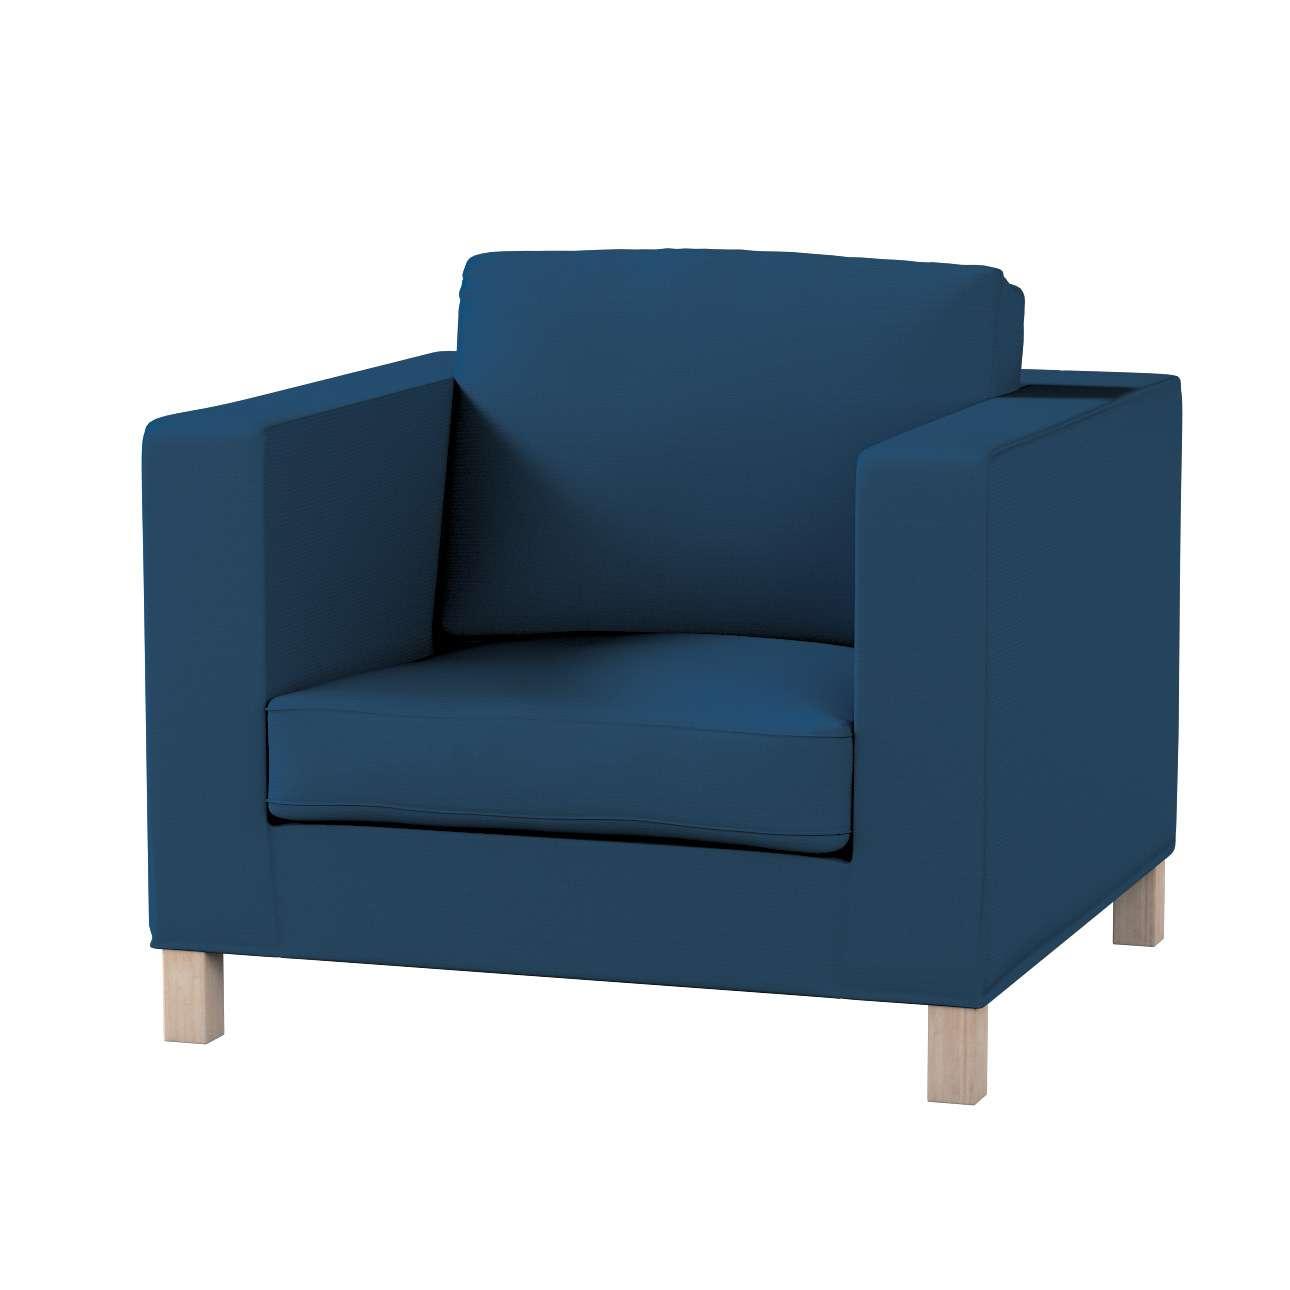 KARLANDA fotelio užvalkalas KARLANDA fotelio užvalkalas kolekcijoje Cotton Panama, audinys: 702-30